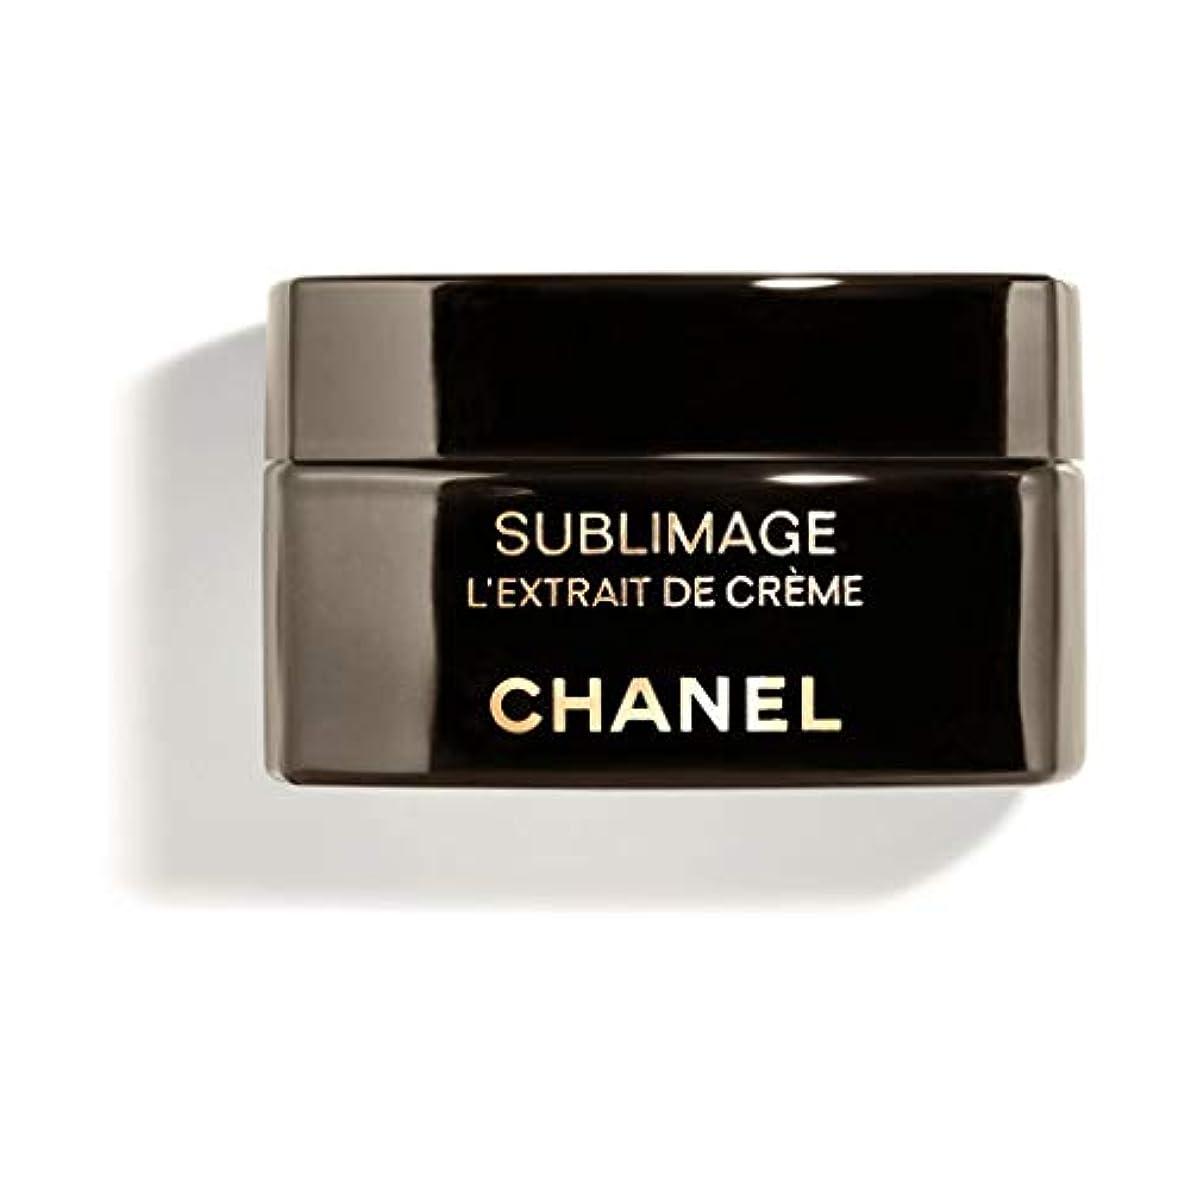 小学生工場みなさんCHANEL(シャネル) SUBLIMAGE L EXTRAIT DE CREME サブリマージュ レクストレ ドゥ クレーム 50g